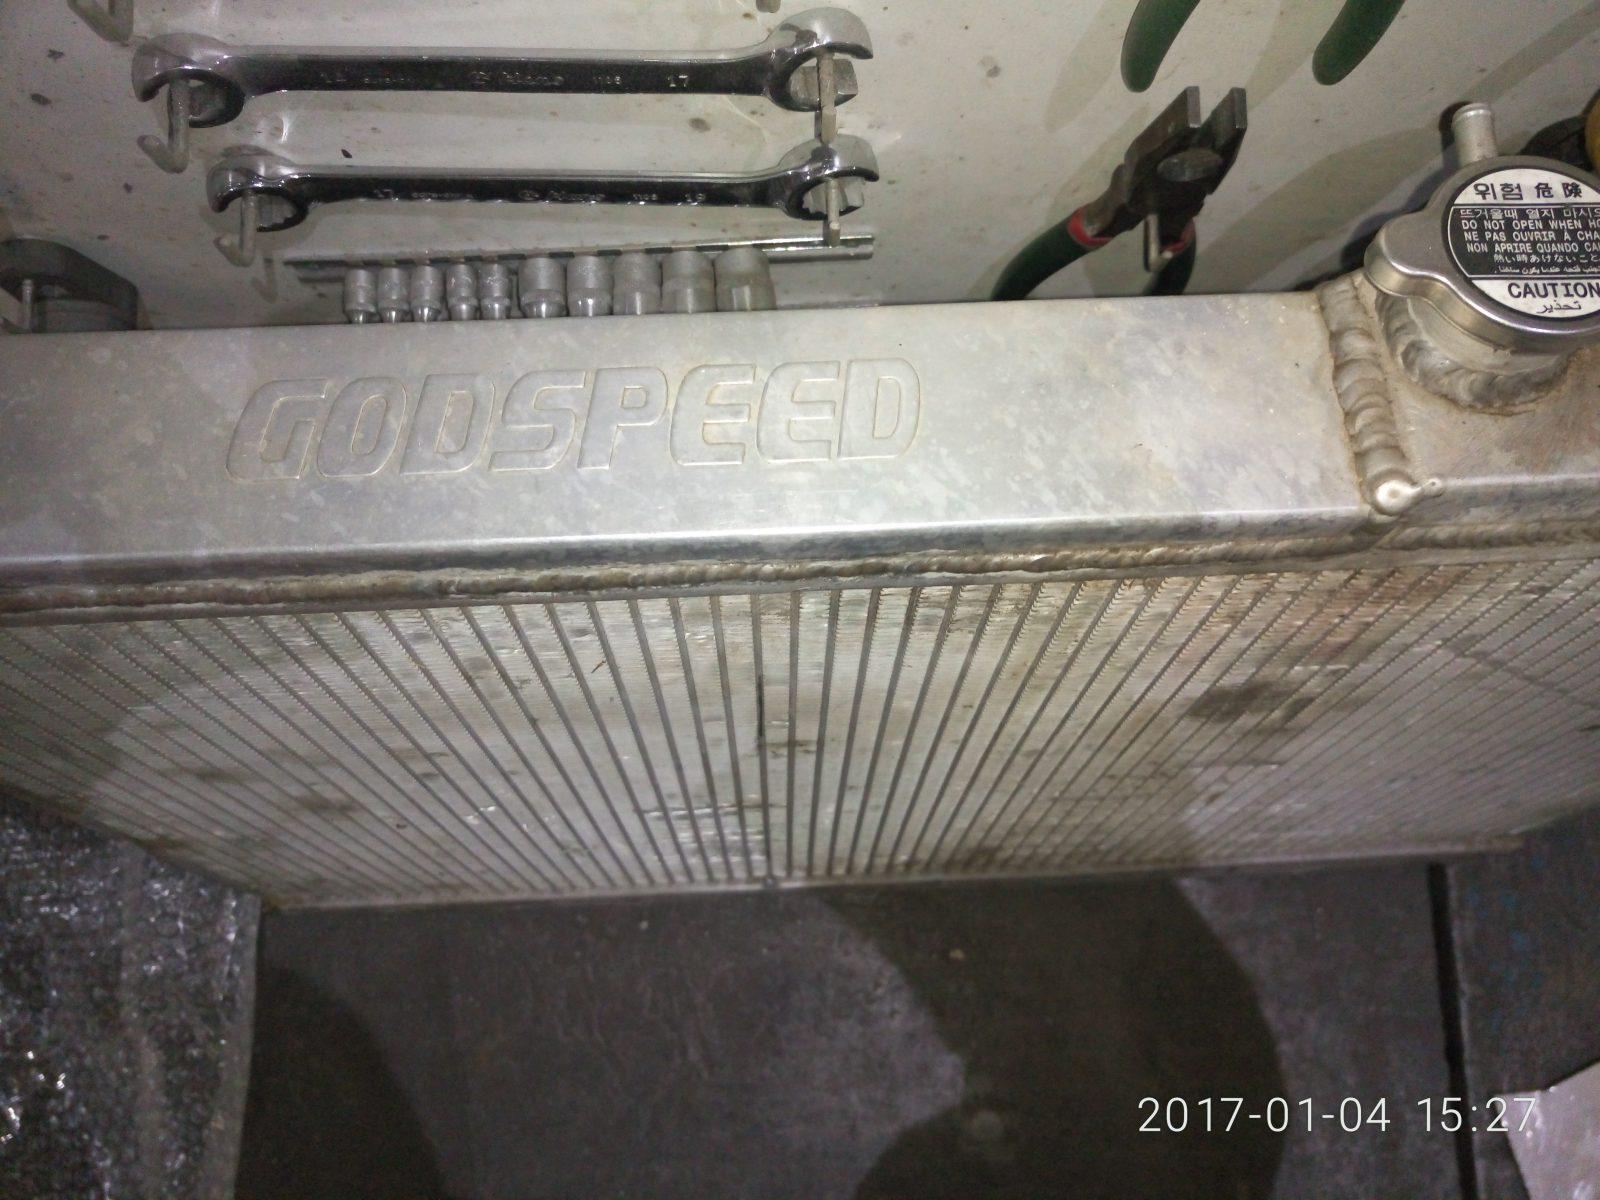 Цельноалюминиевый радиатор godspeed